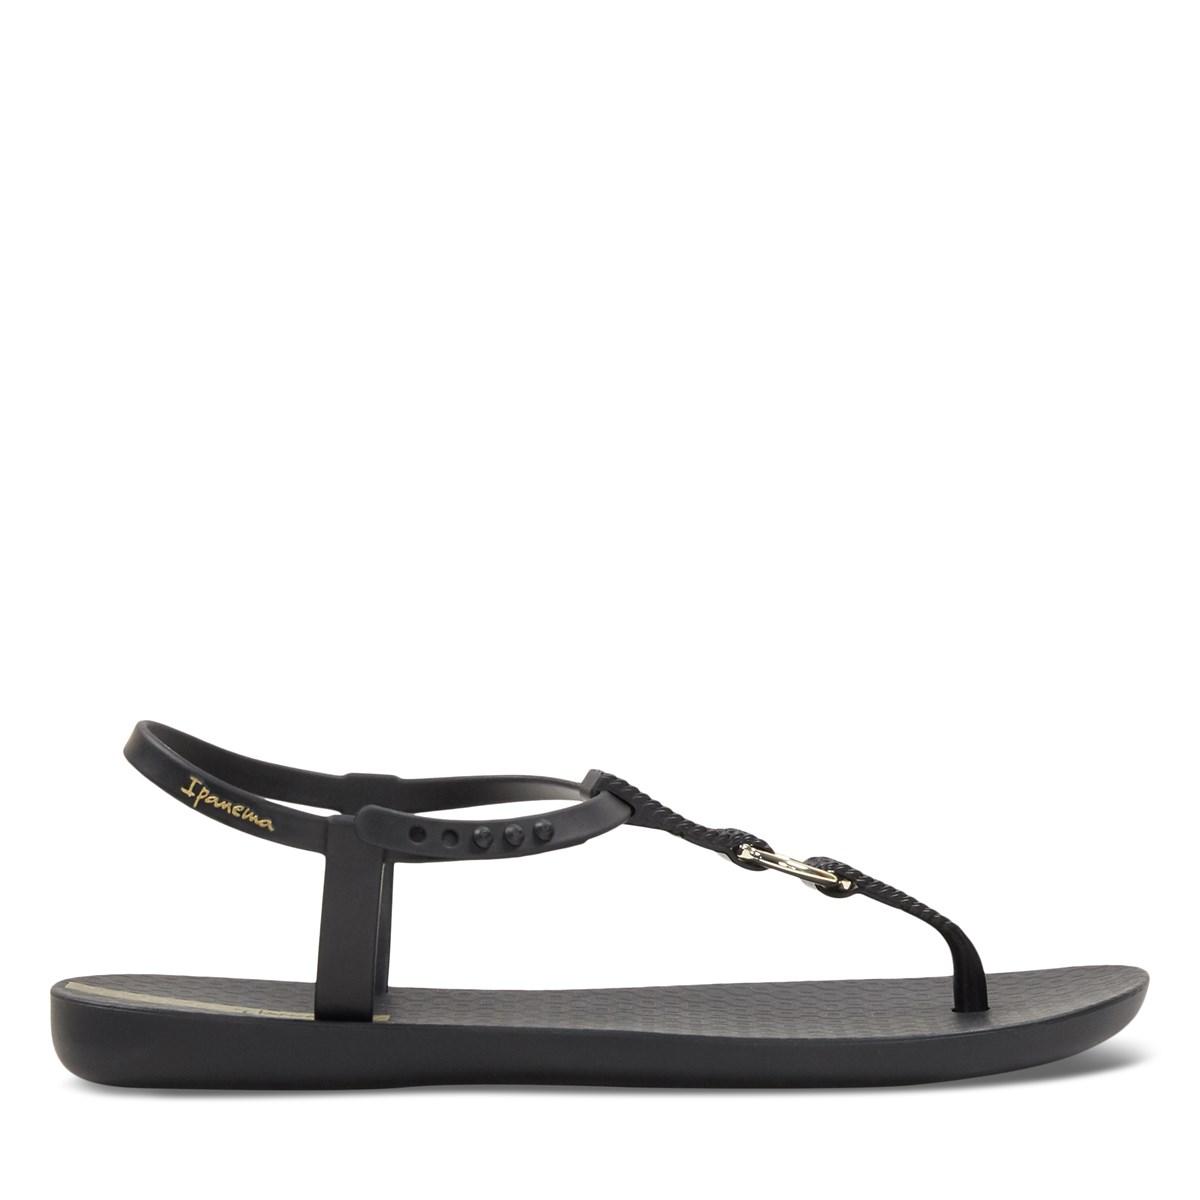 Women's Glass Loop Sandals in Black